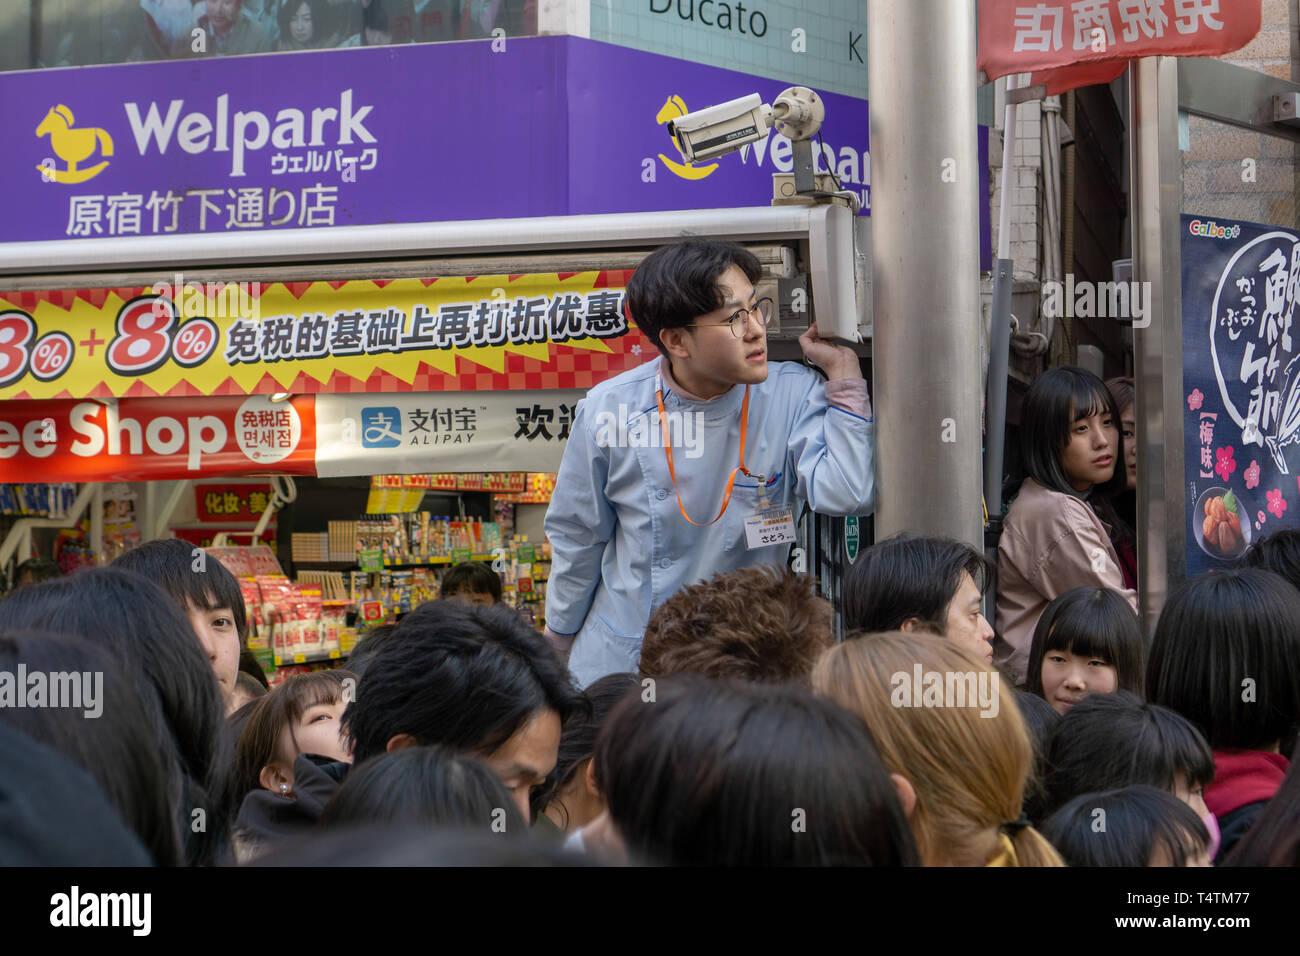 Je n'ai jamais connu des foules de l'Harajuku Tokyo magnitude zone n'importe où j'ai voyagé jusqu'à présent. Vous habitez vous apprendre! Photo Stock